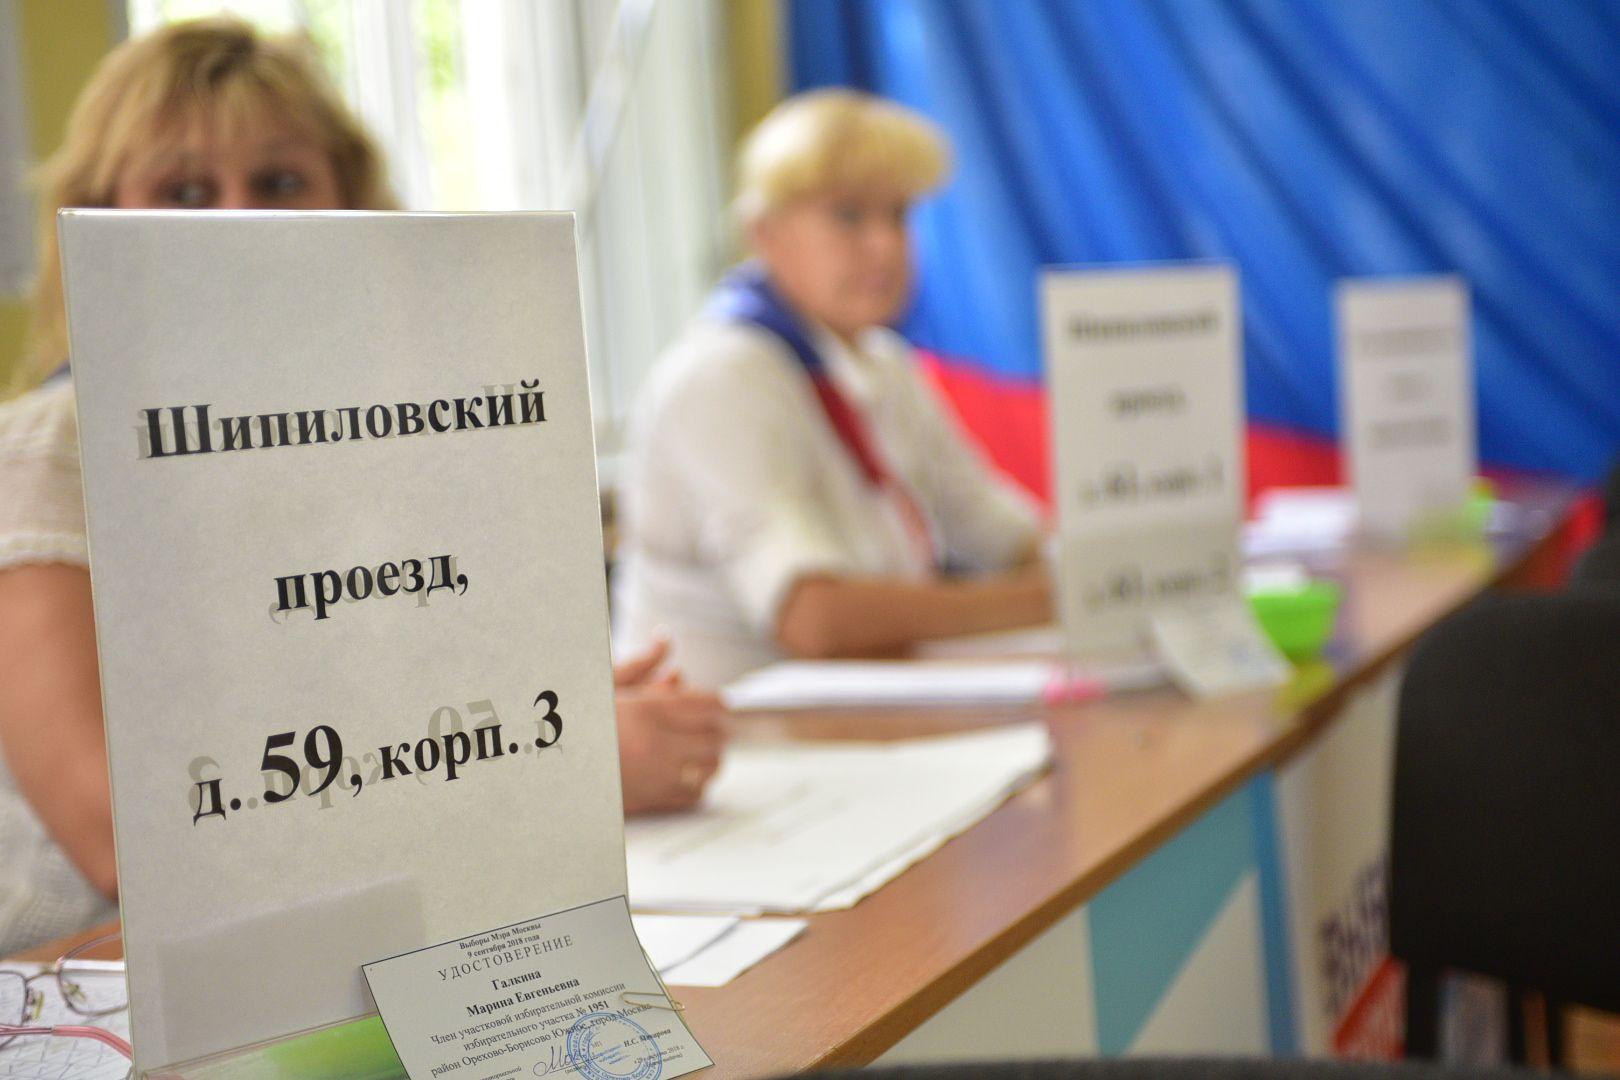 Список телефонных номеров местонахождения участковых избирательных комиссий и помещений для голосования